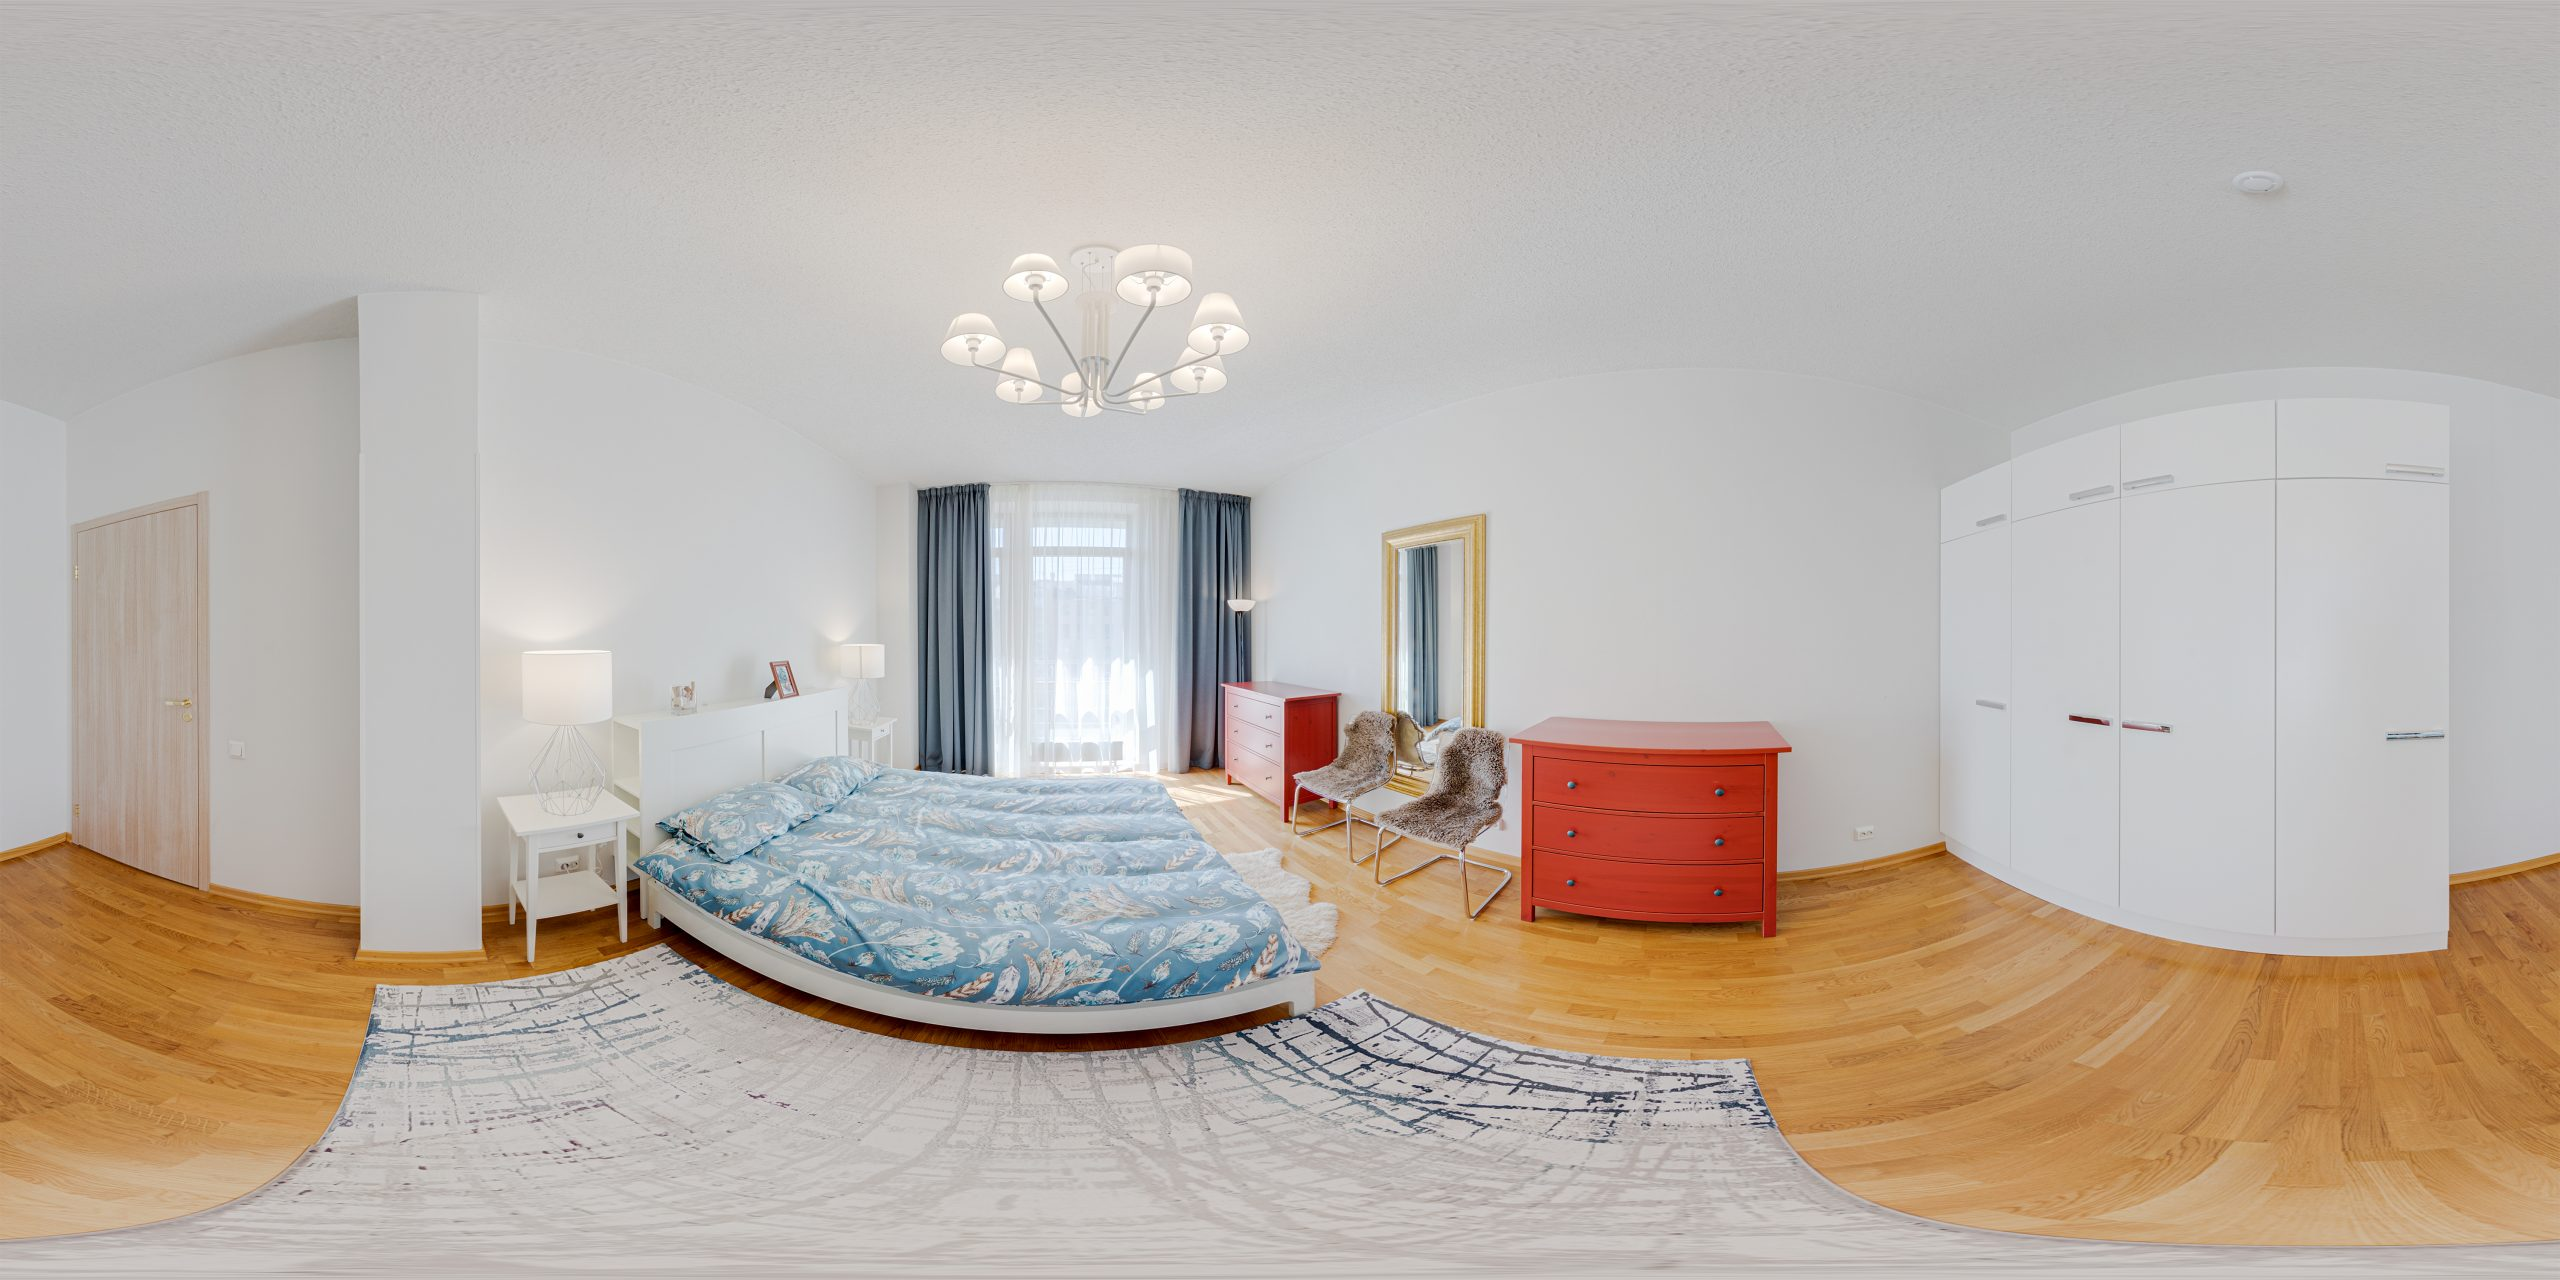 Круговая панорама интерьера квартиры